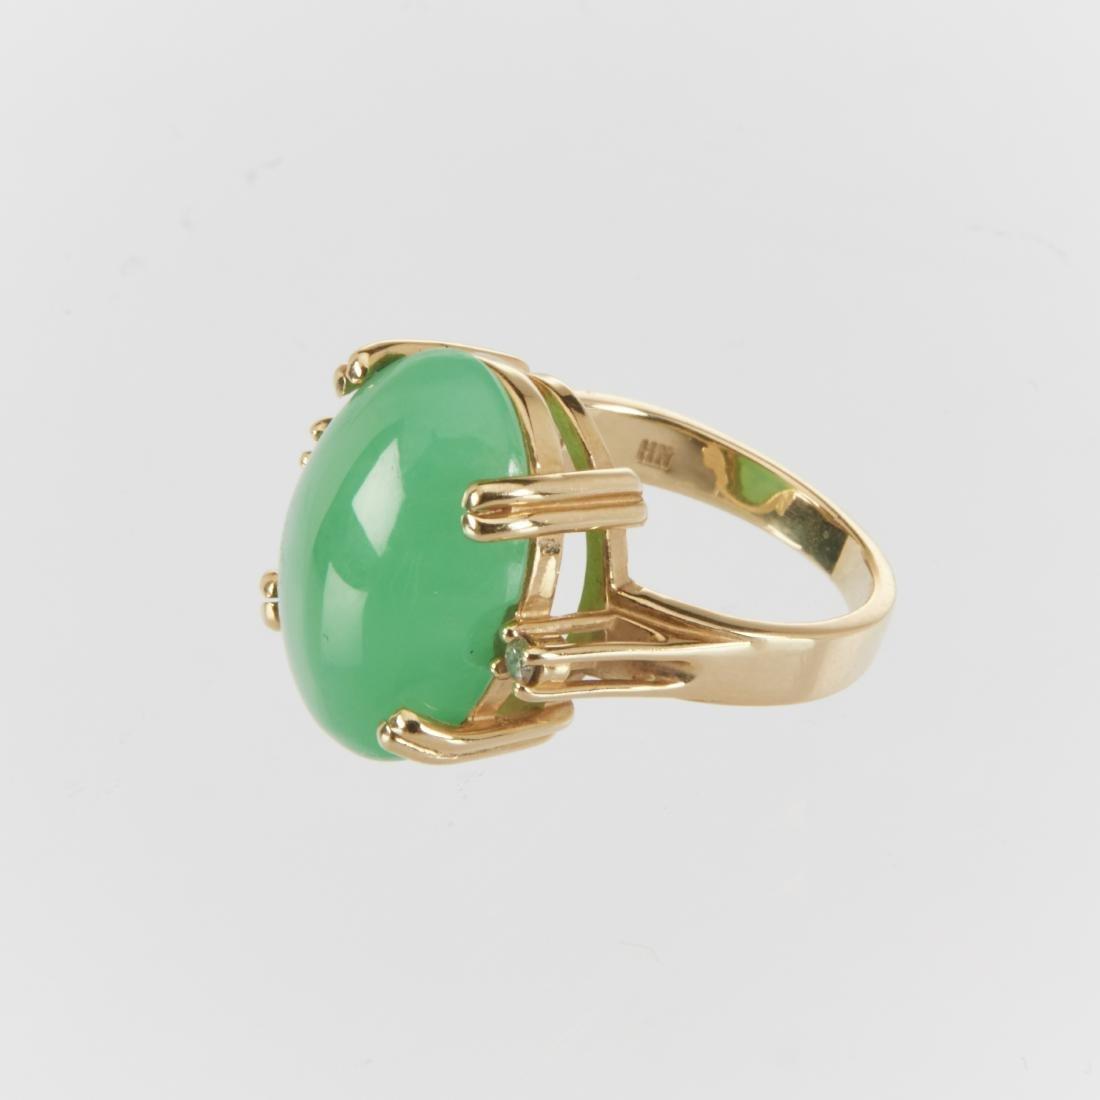 A 14K & Jade Ring & Earrings Set - 3